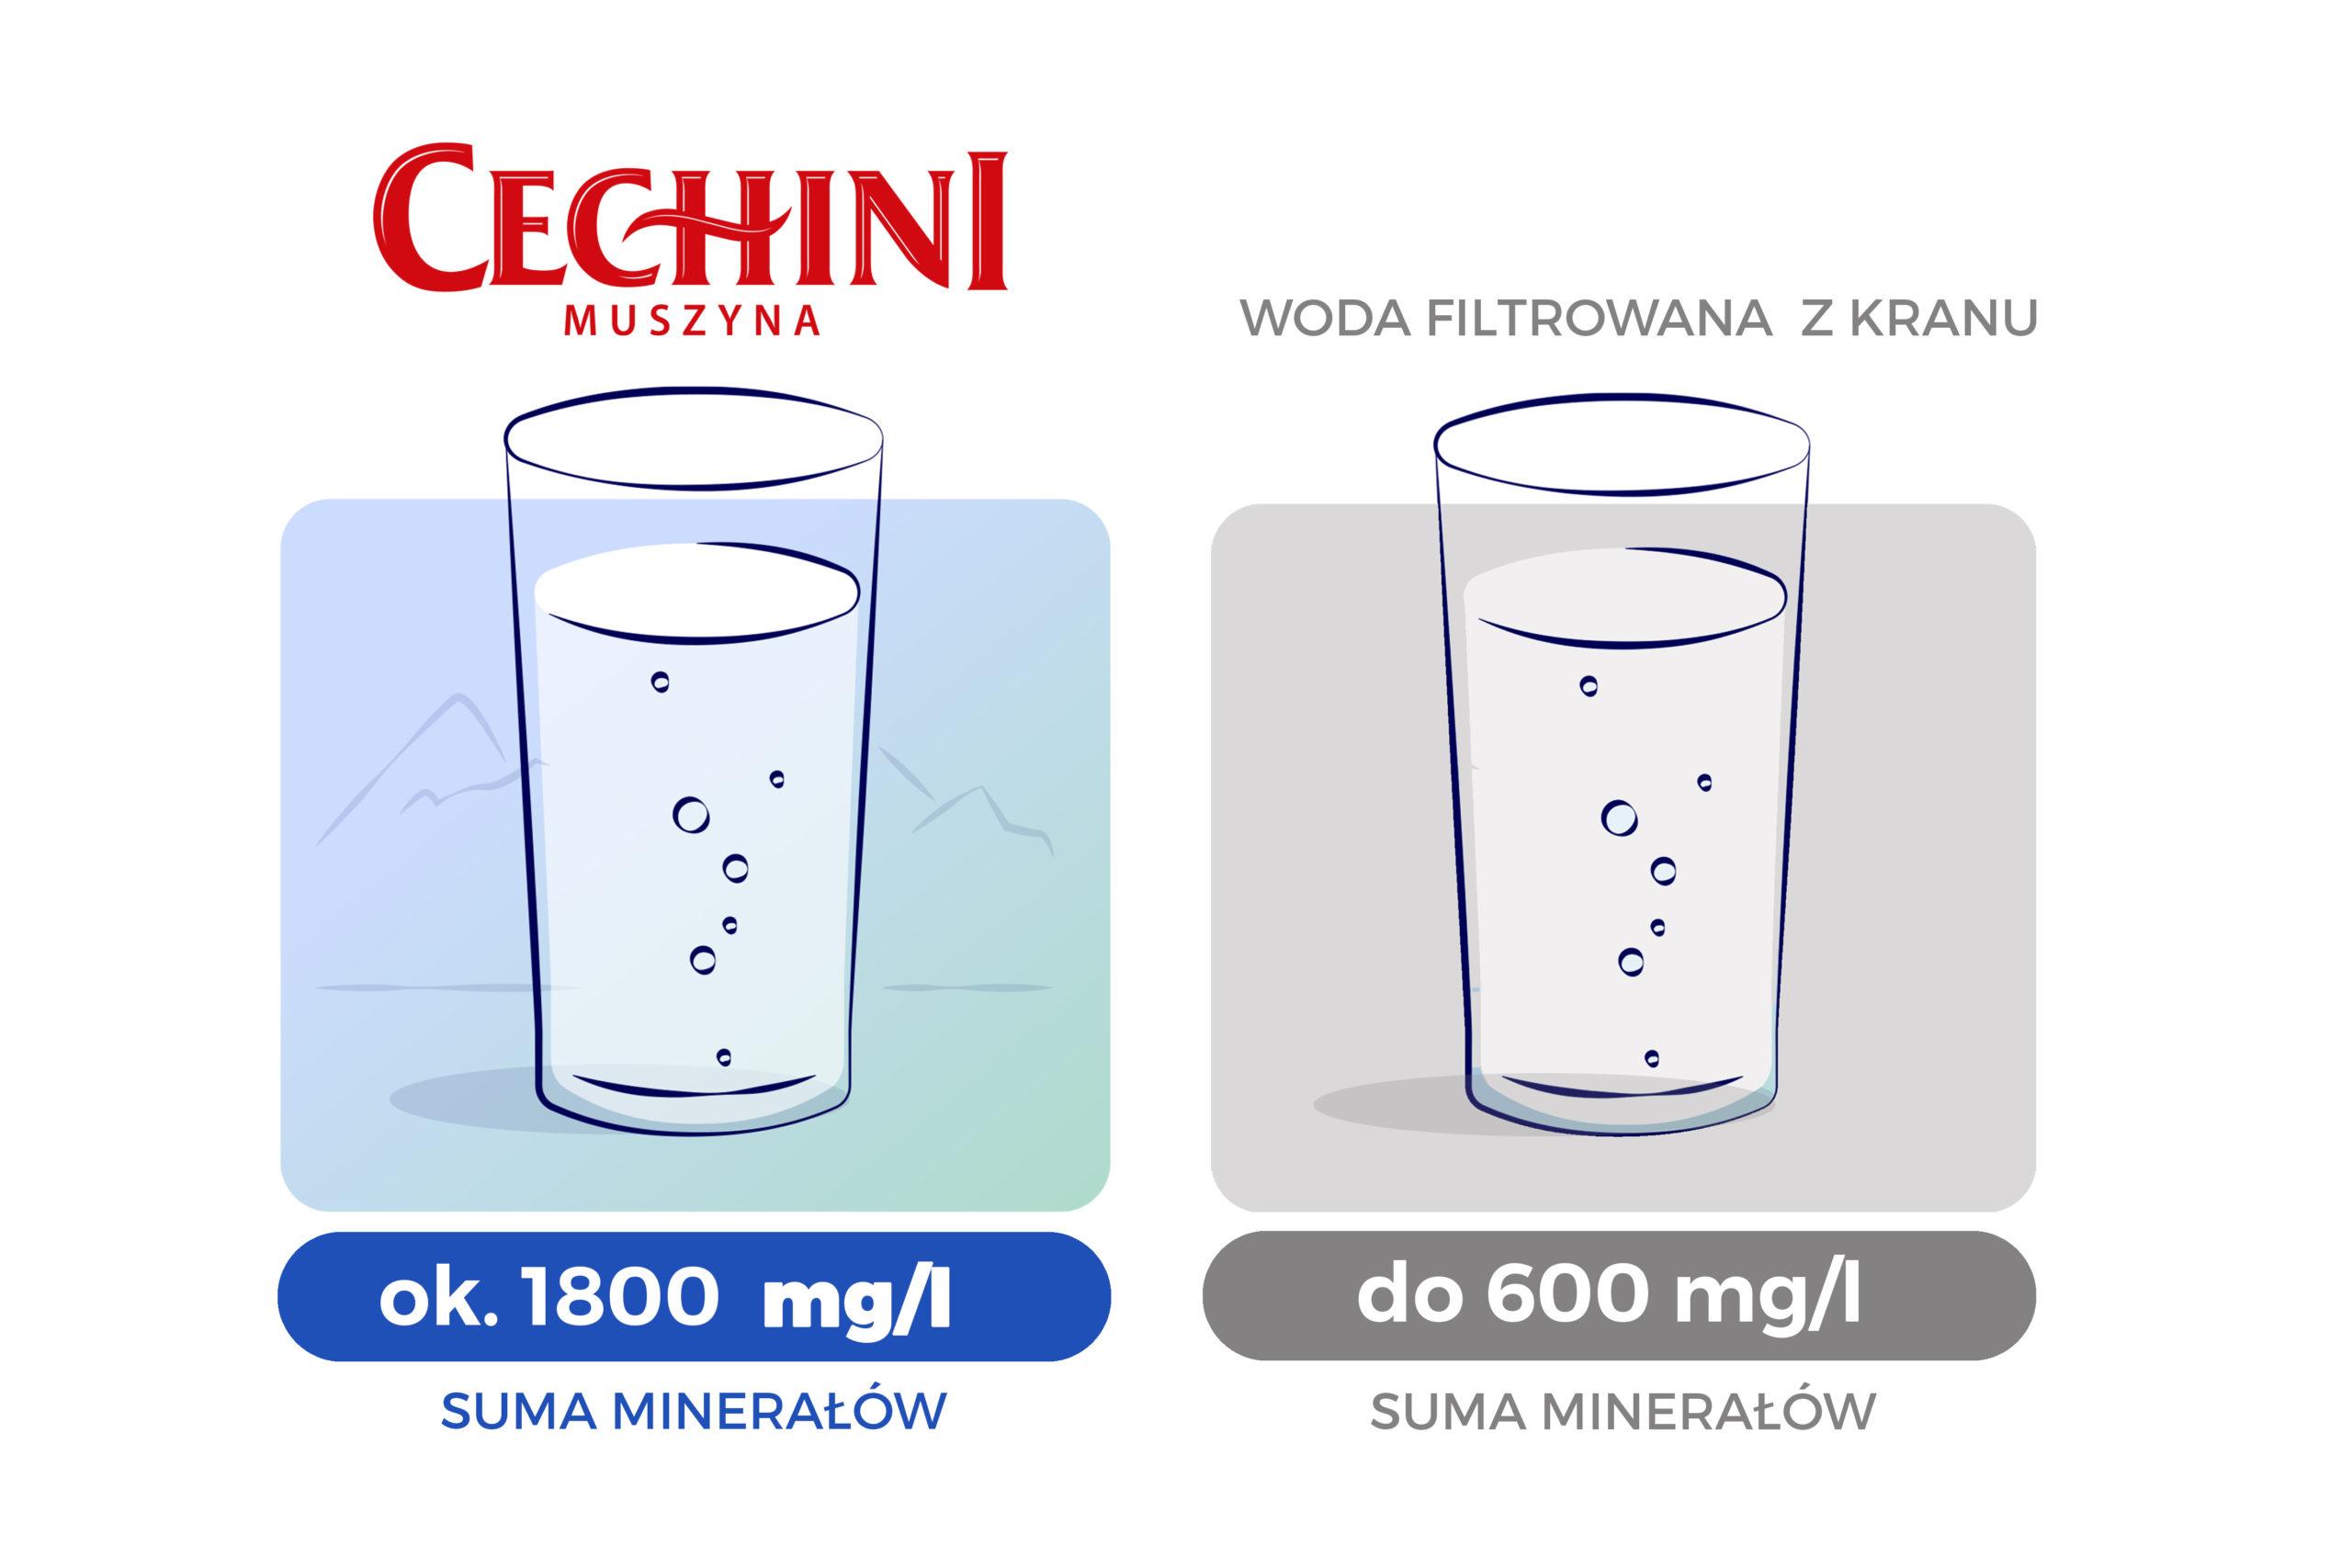 woda cechini vs woda kranowa